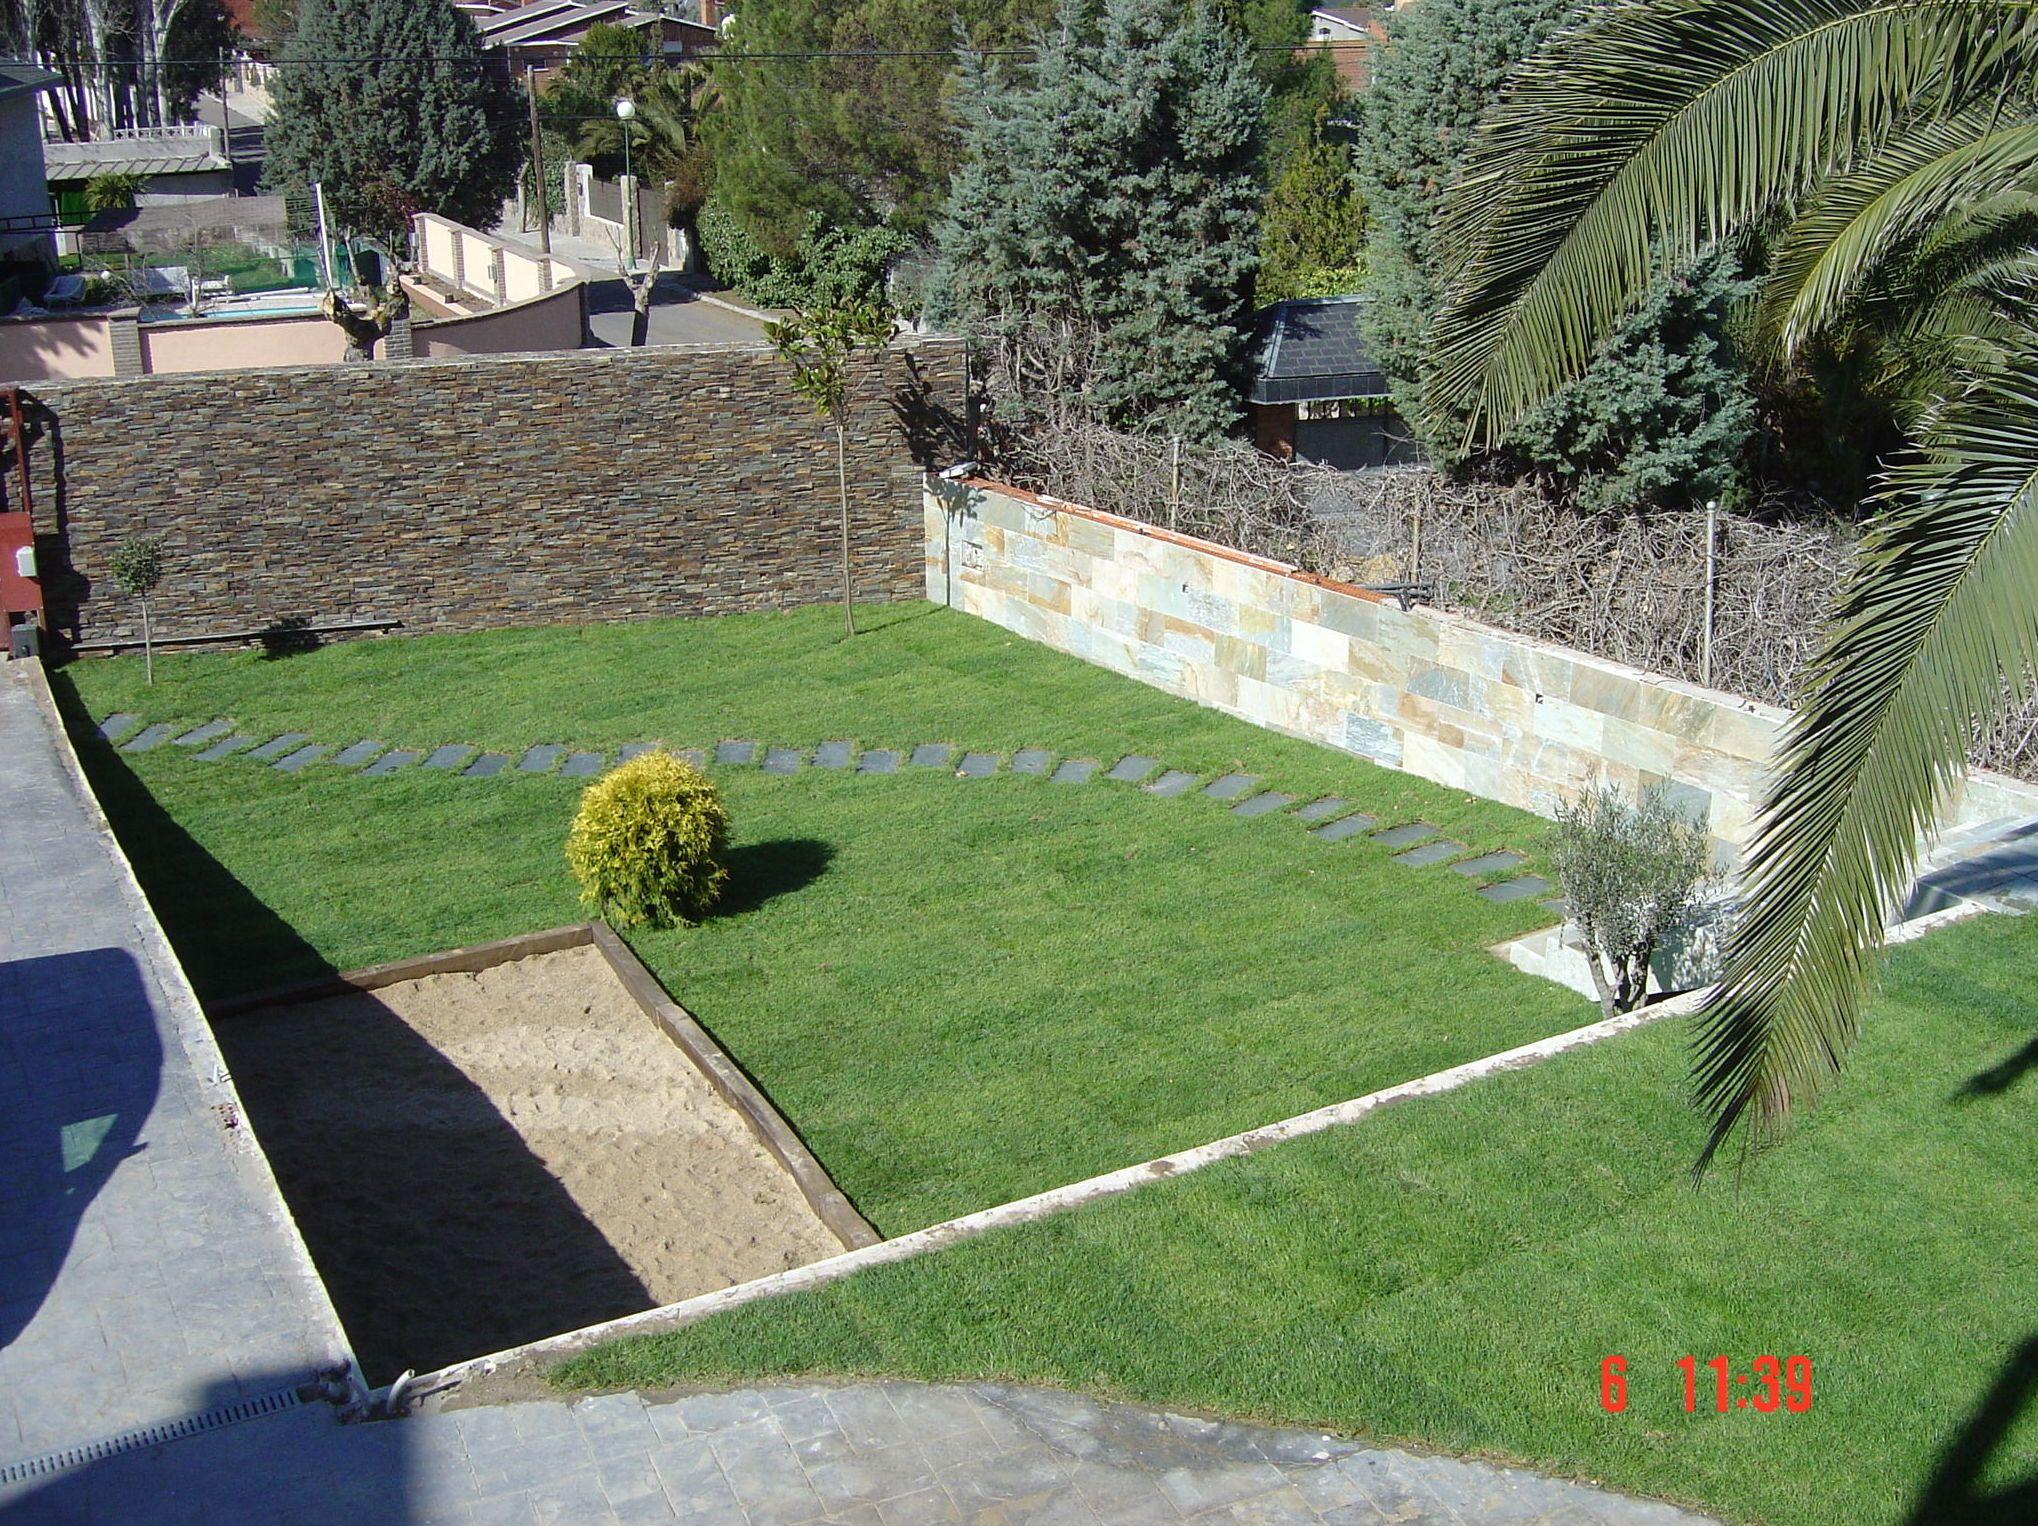 Dise o y mantenimiento de jardines en boadilla del monte for Mantenimiento de jardines